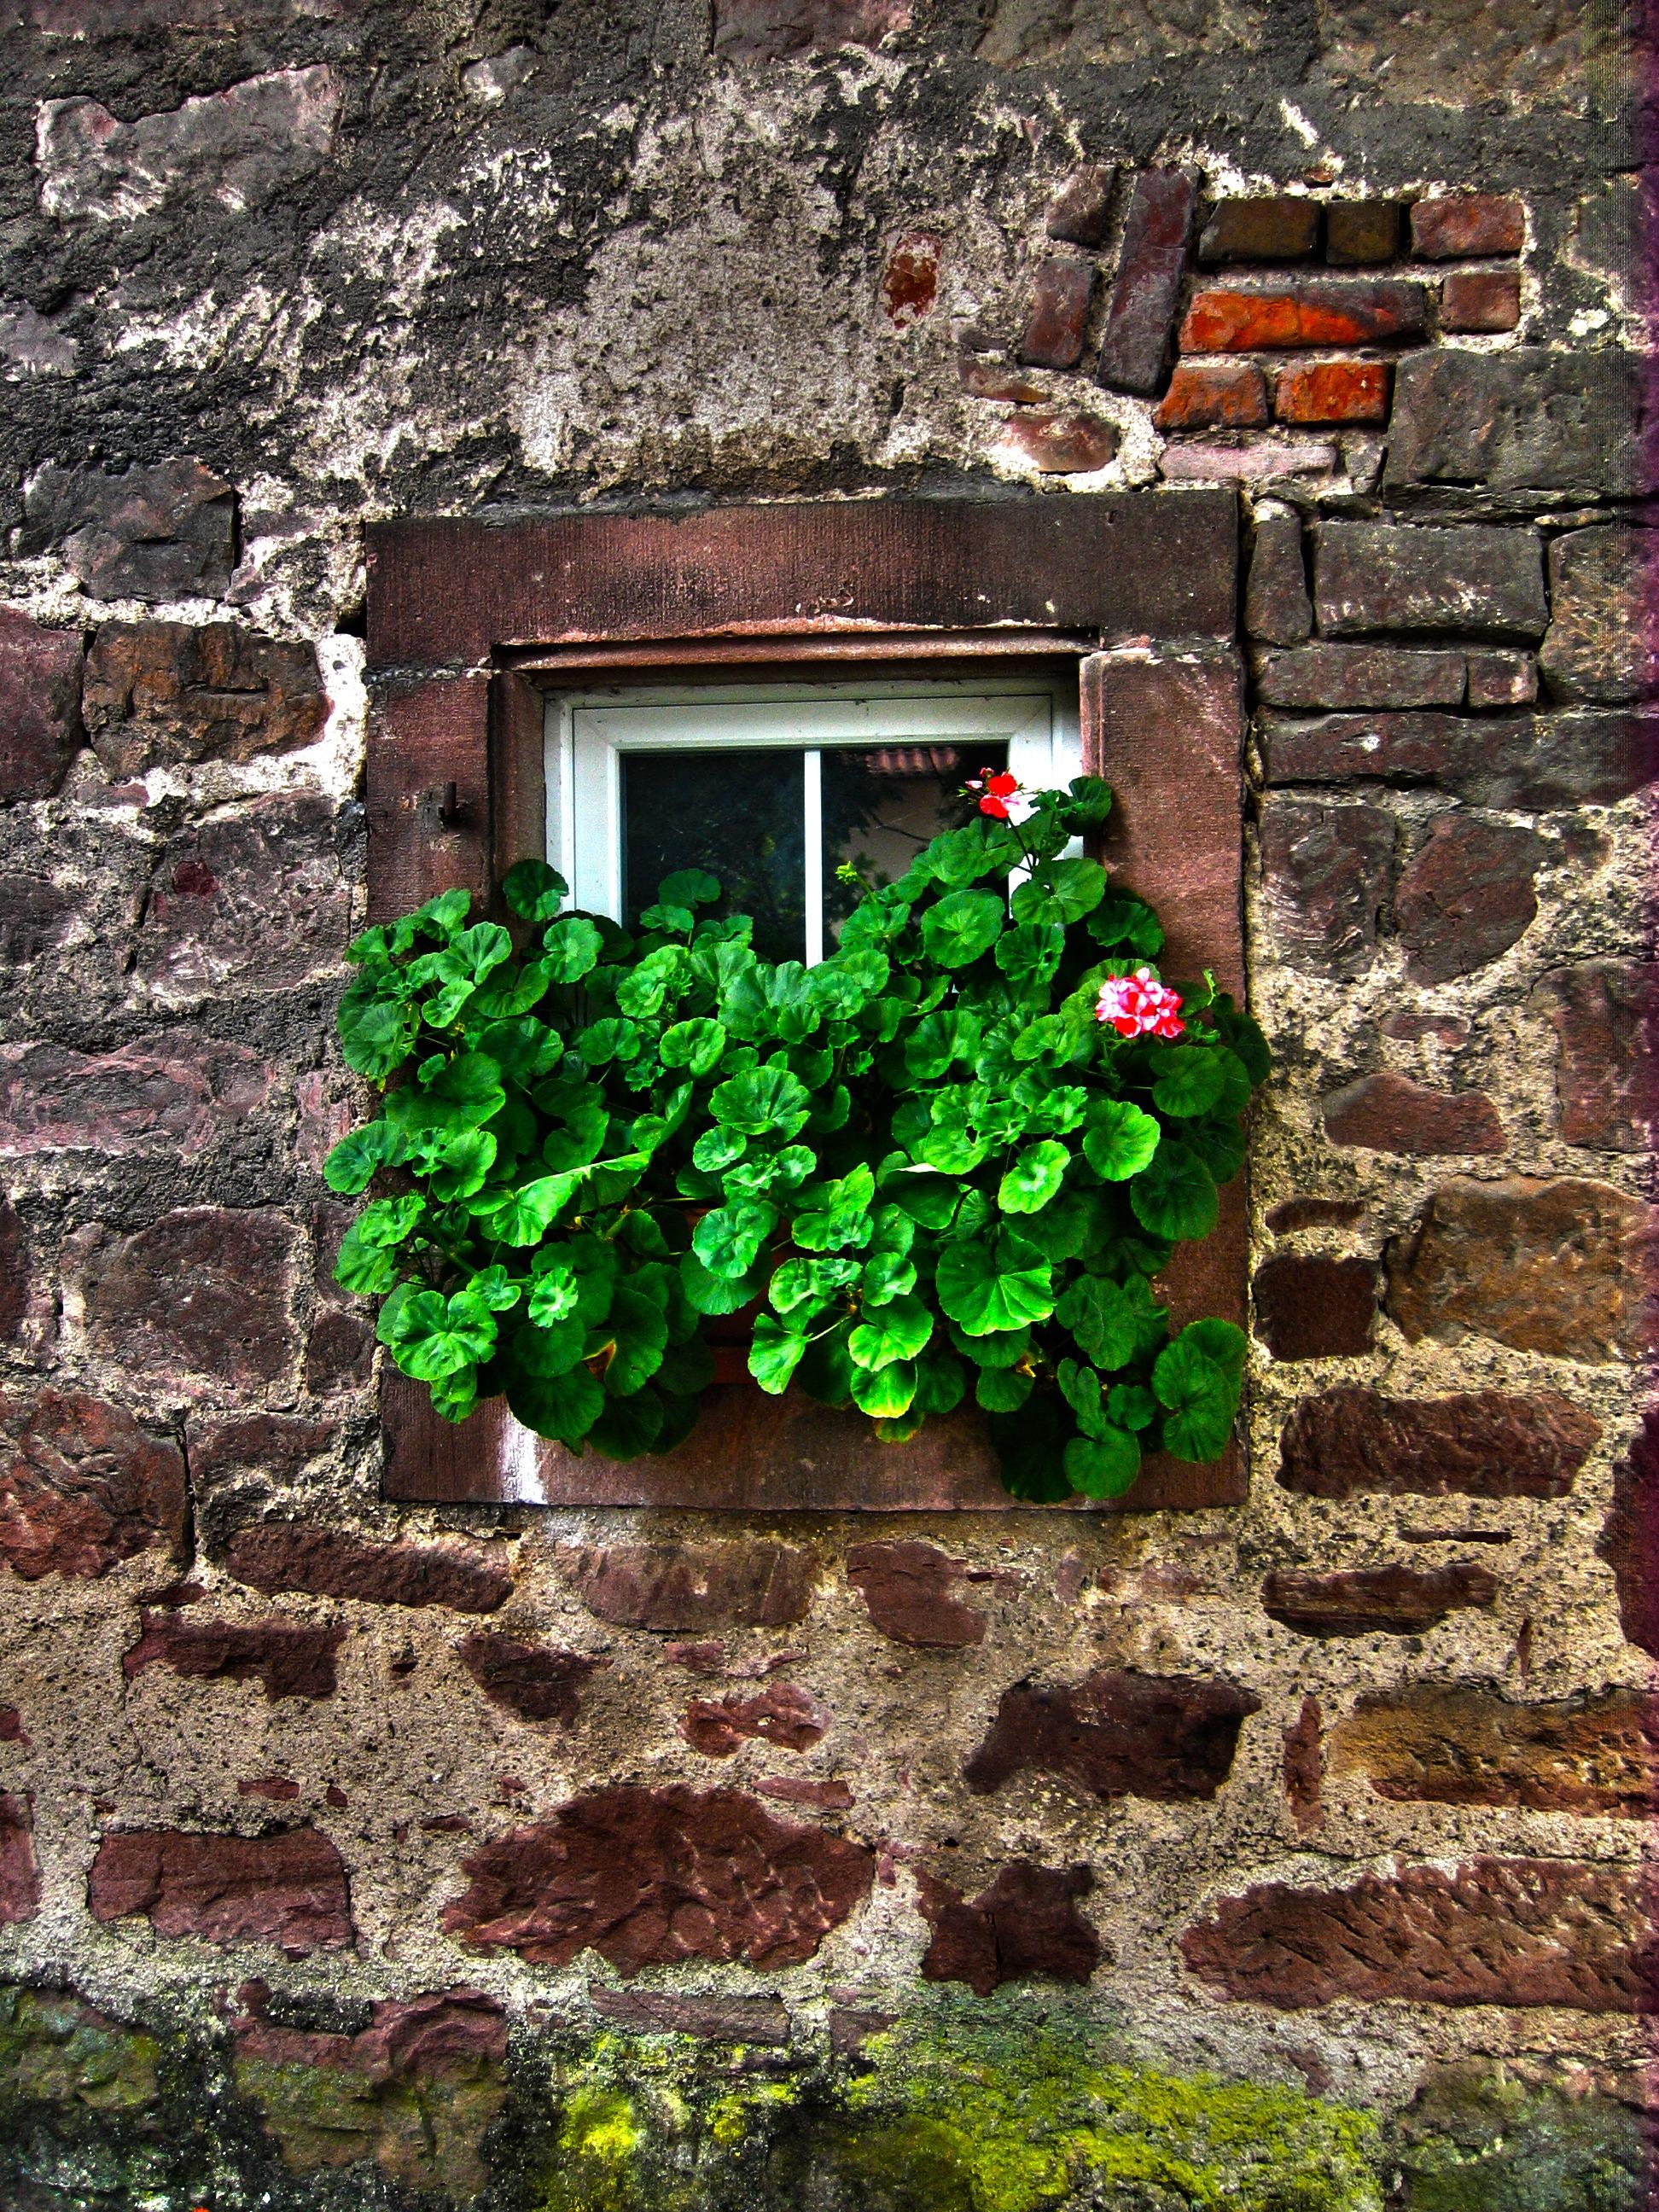 Anspruchsvoll Blickfang Alte Zeiten Referenz Von Blume, Fenster, Alt, Mauer, Stein, Grün, Efeu,